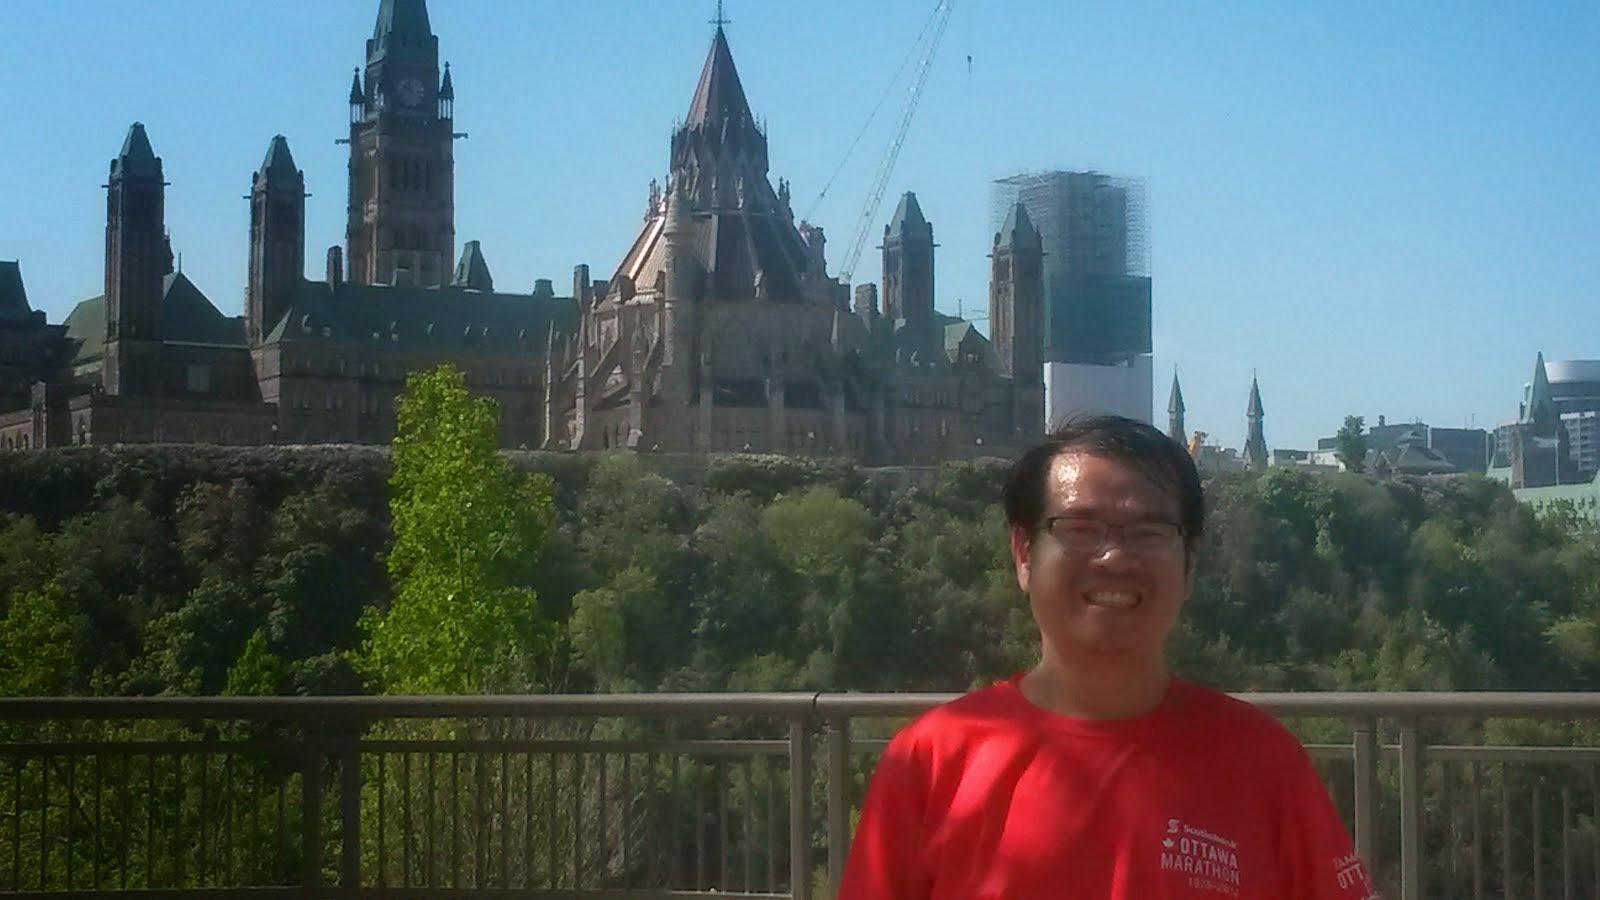 Ottawa Marathon 2014